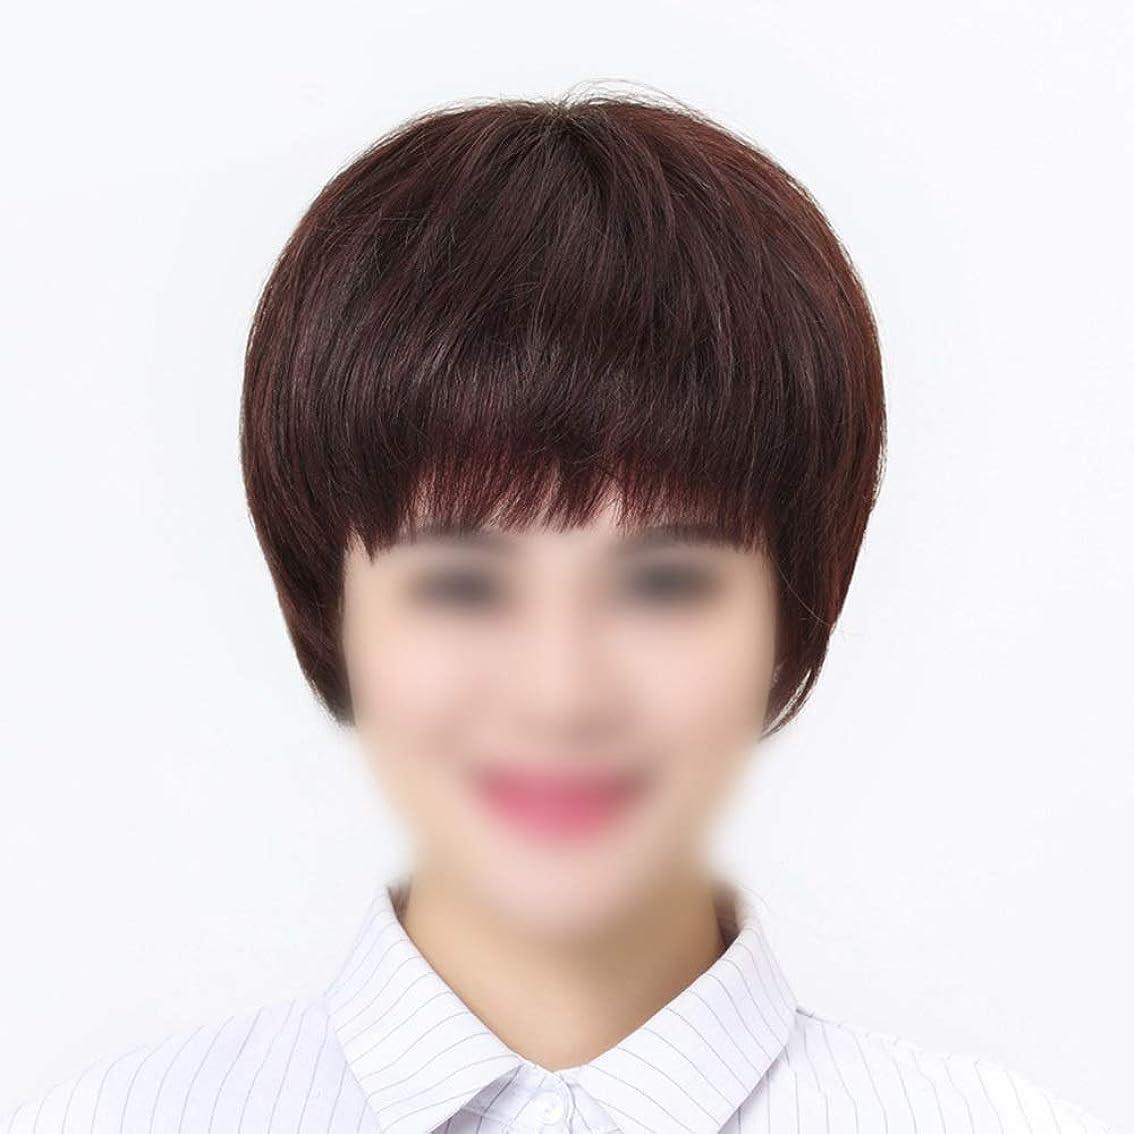 ステレオタイプインストラクター曲げるYESONEEP 女性のための手織りニットウィッグ本物の髪ウィッグショートストレートヘアーウィッグファッションウィッグ (Color : Natural black, サイズ : Hand-needle)